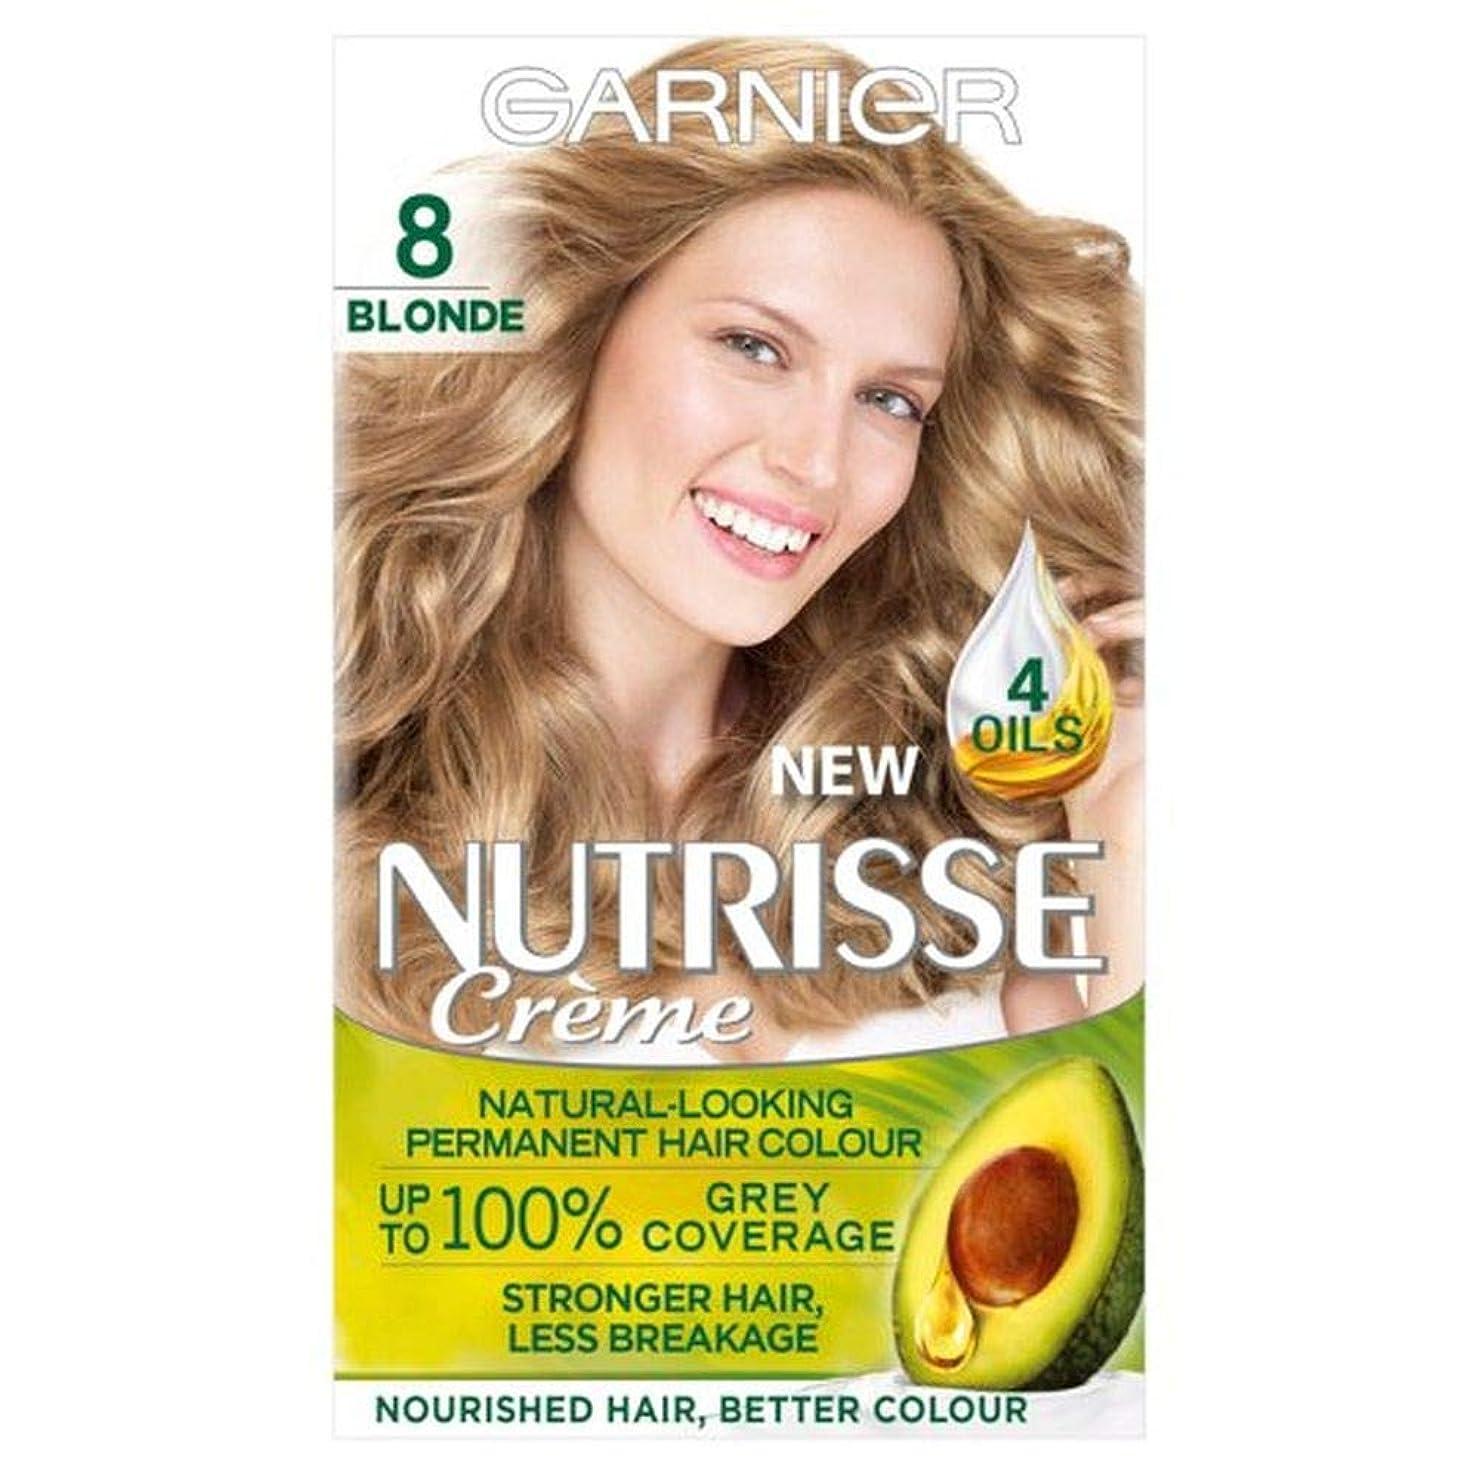 系譜望み病[Nutrisse] 8ブロンドの永久染毛剤Nutrisseガルニエ - Garnier Nutrisse 8 Blonde Permanent Hair Dye [並行輸入品]